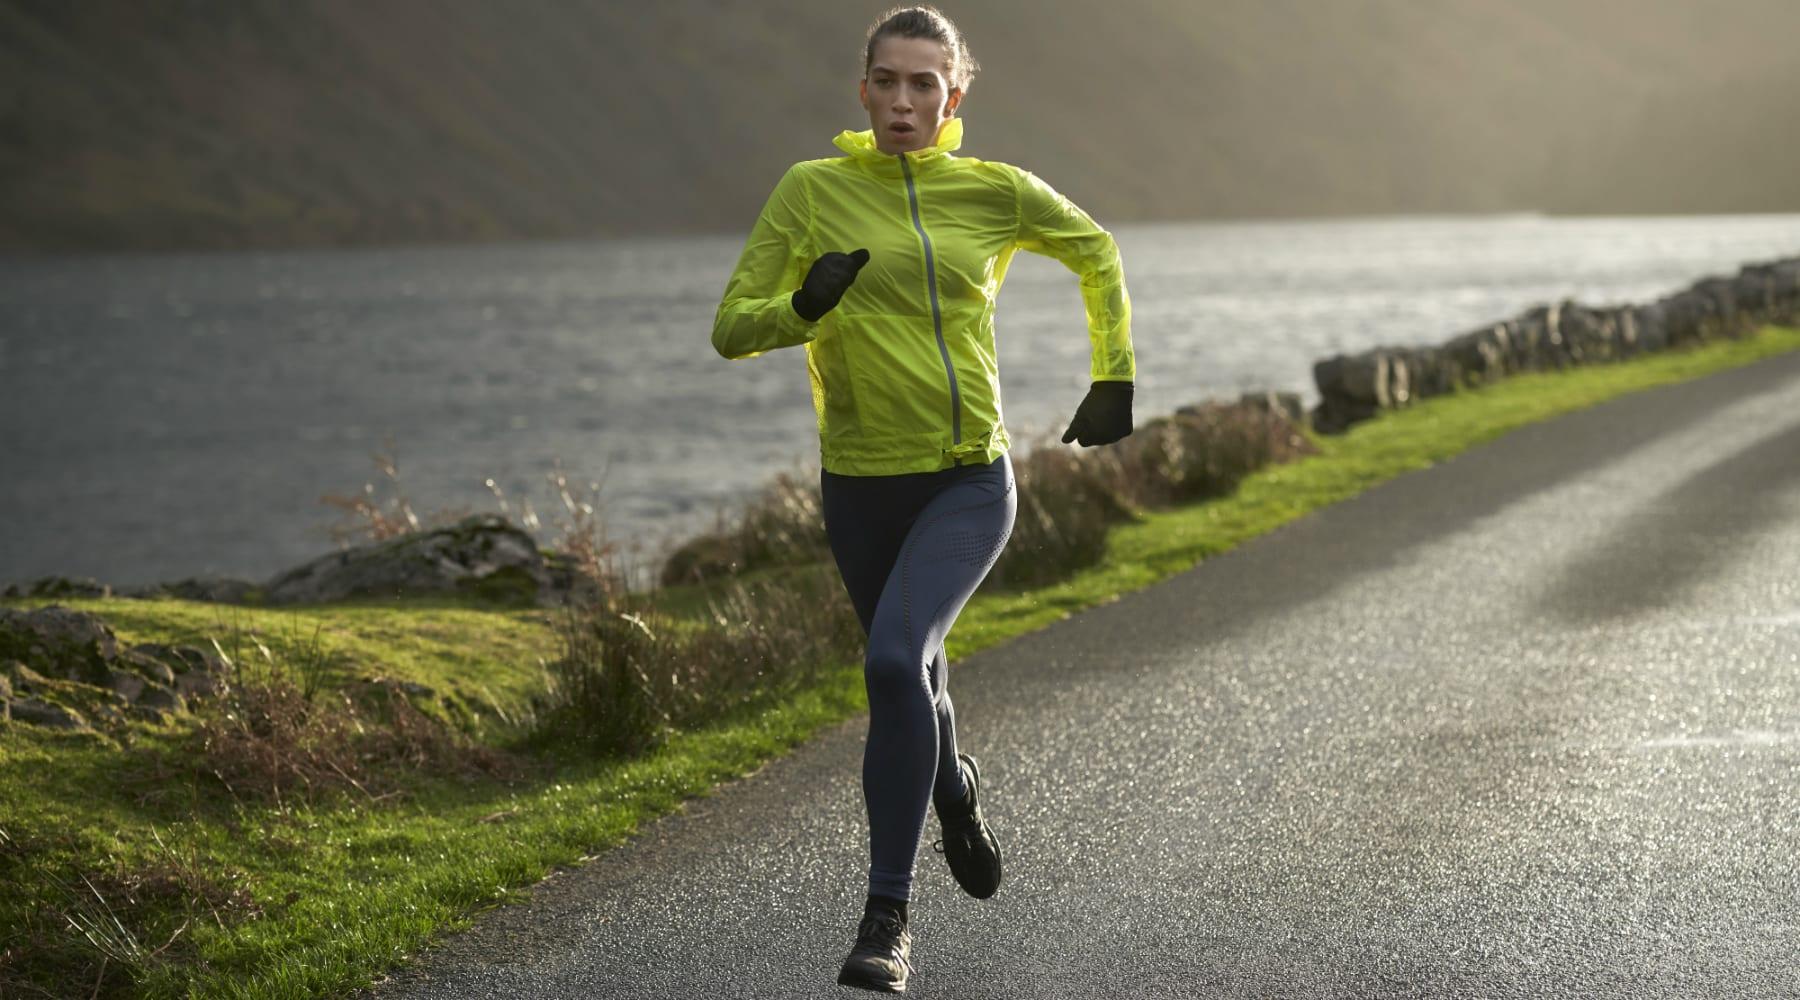 Spaß beim Laufen haben: 8 leichte Wege, um deine Läufe wieder zu genießen